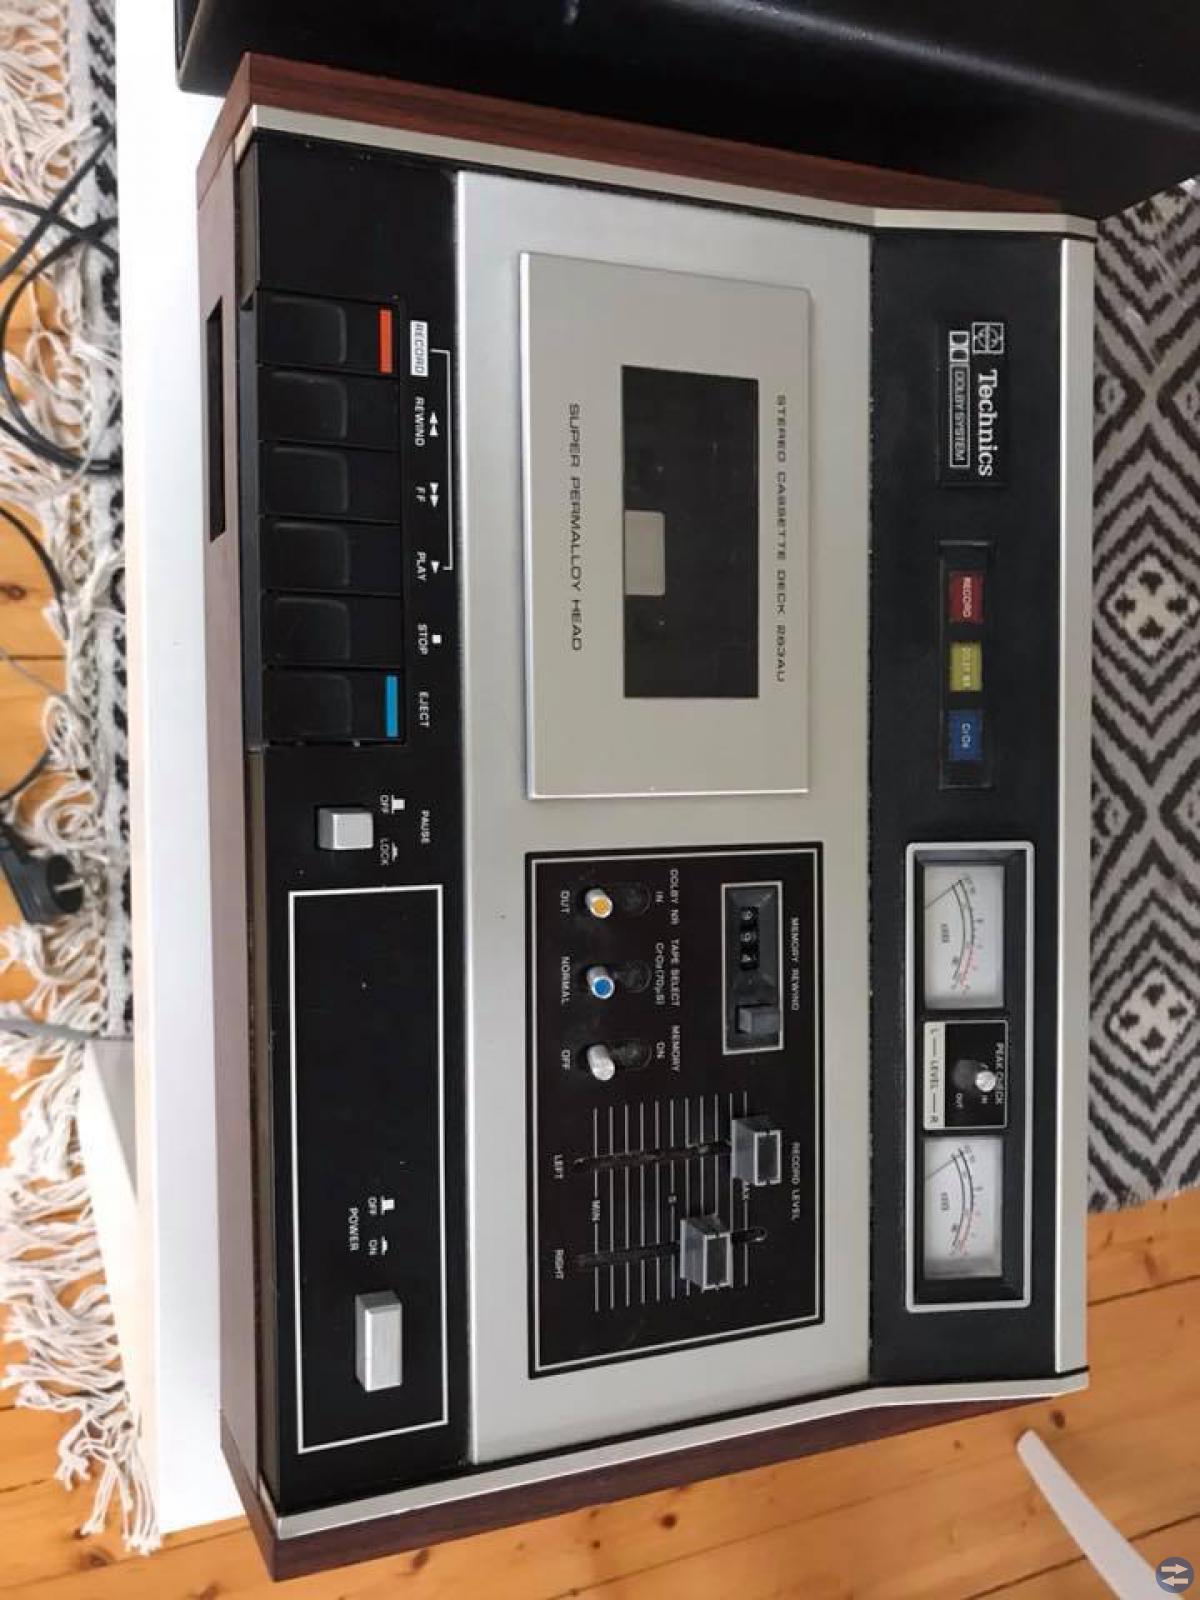 Handic 3030 förstärkare+Technics kasettdäck 70-tal